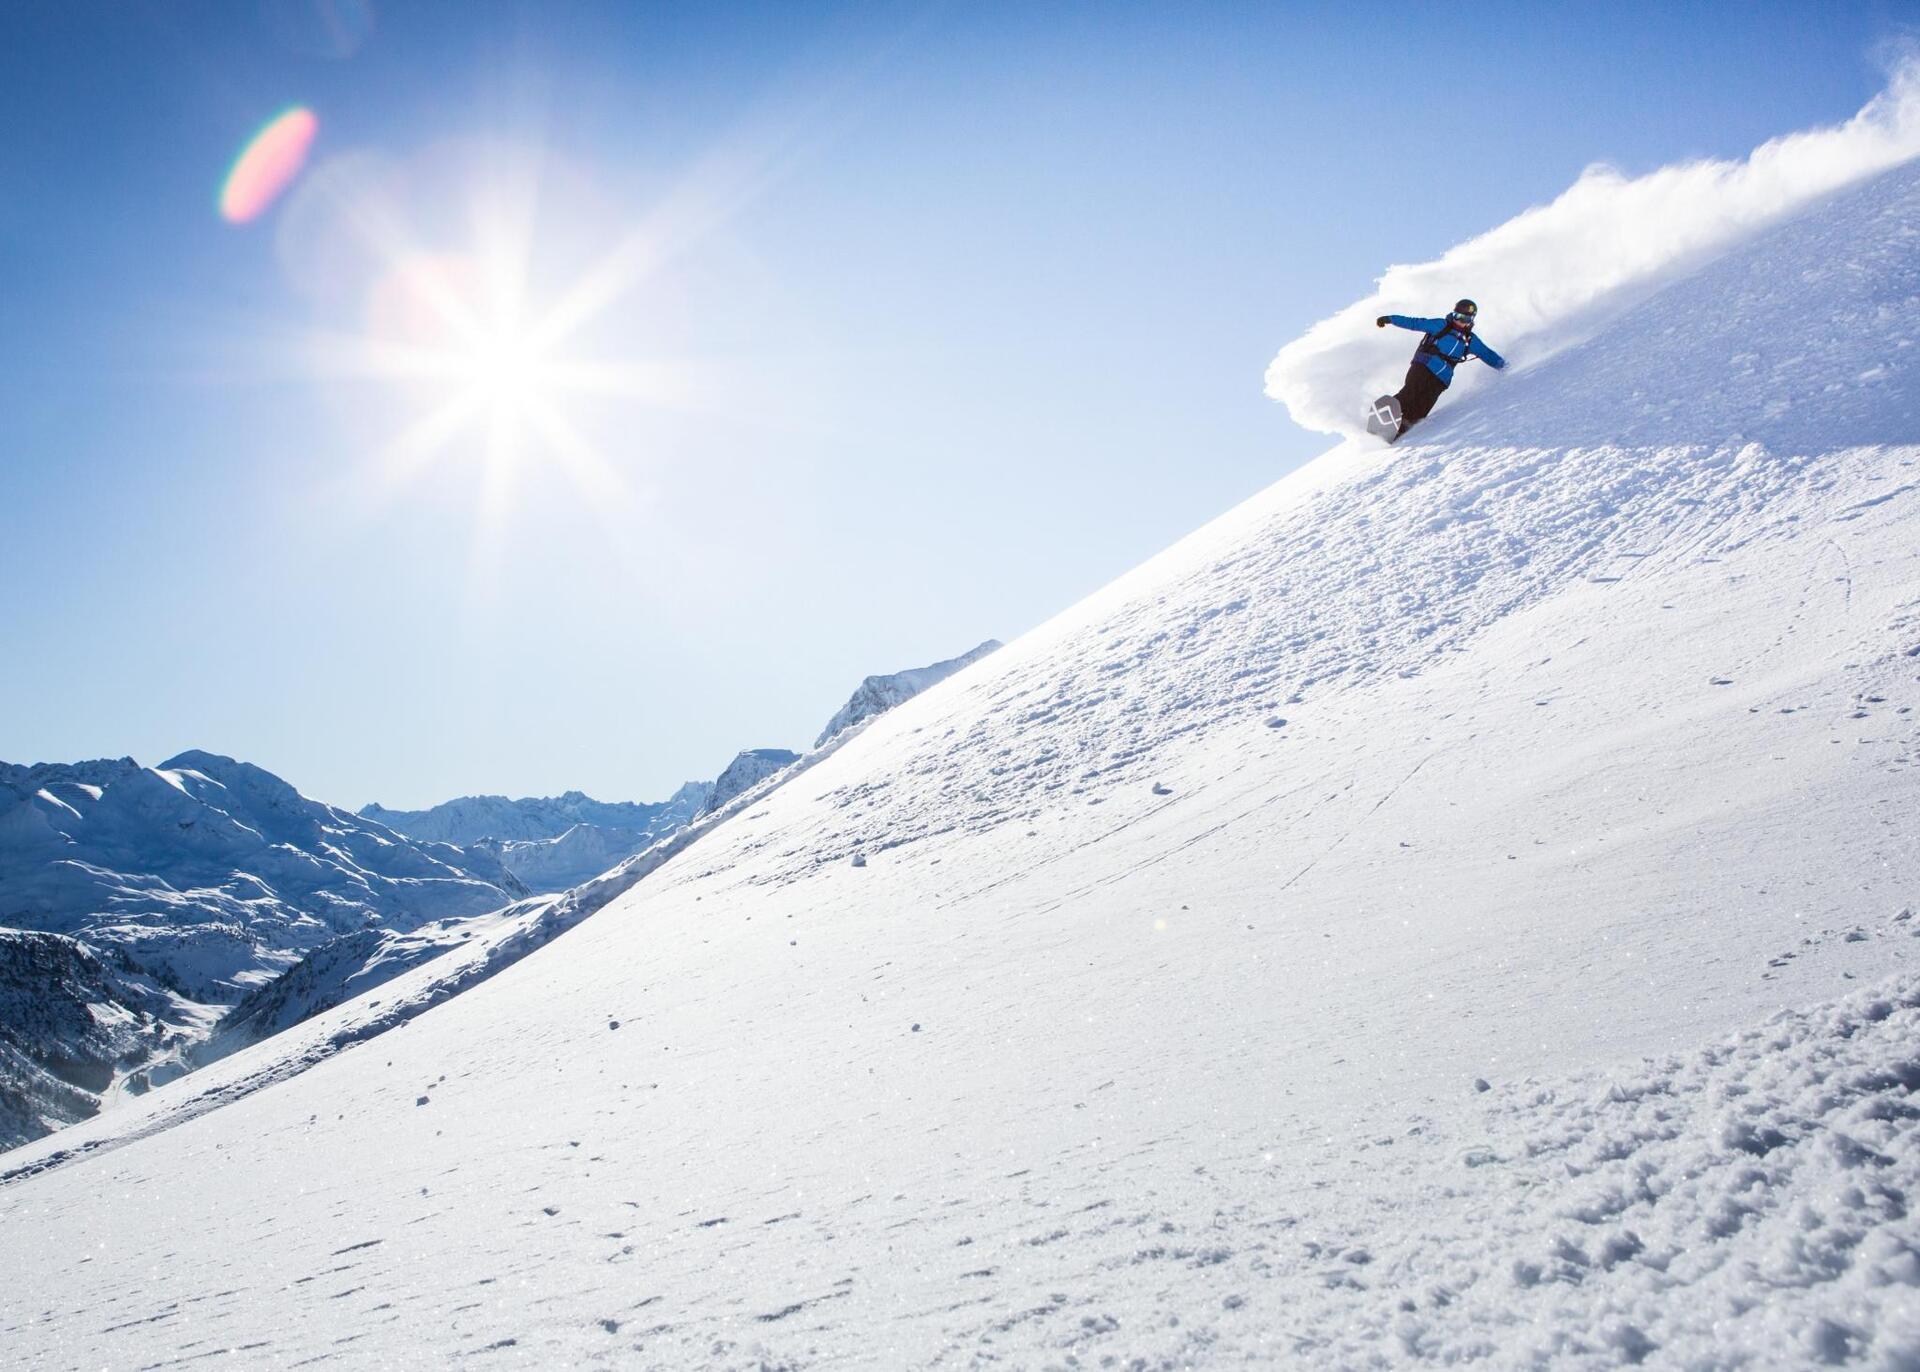 Ein Snowboardfahrer fährt einen schneebedeckten Berg entlang